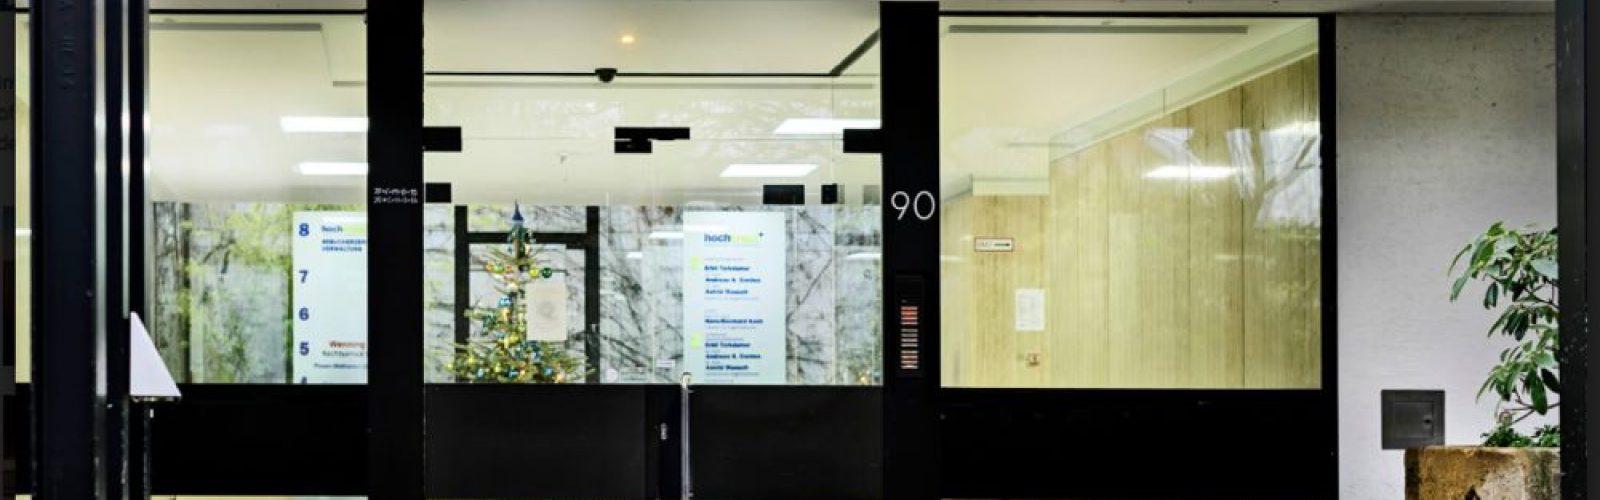 Eingang der Hochkreuz Augenklinik in Bonn